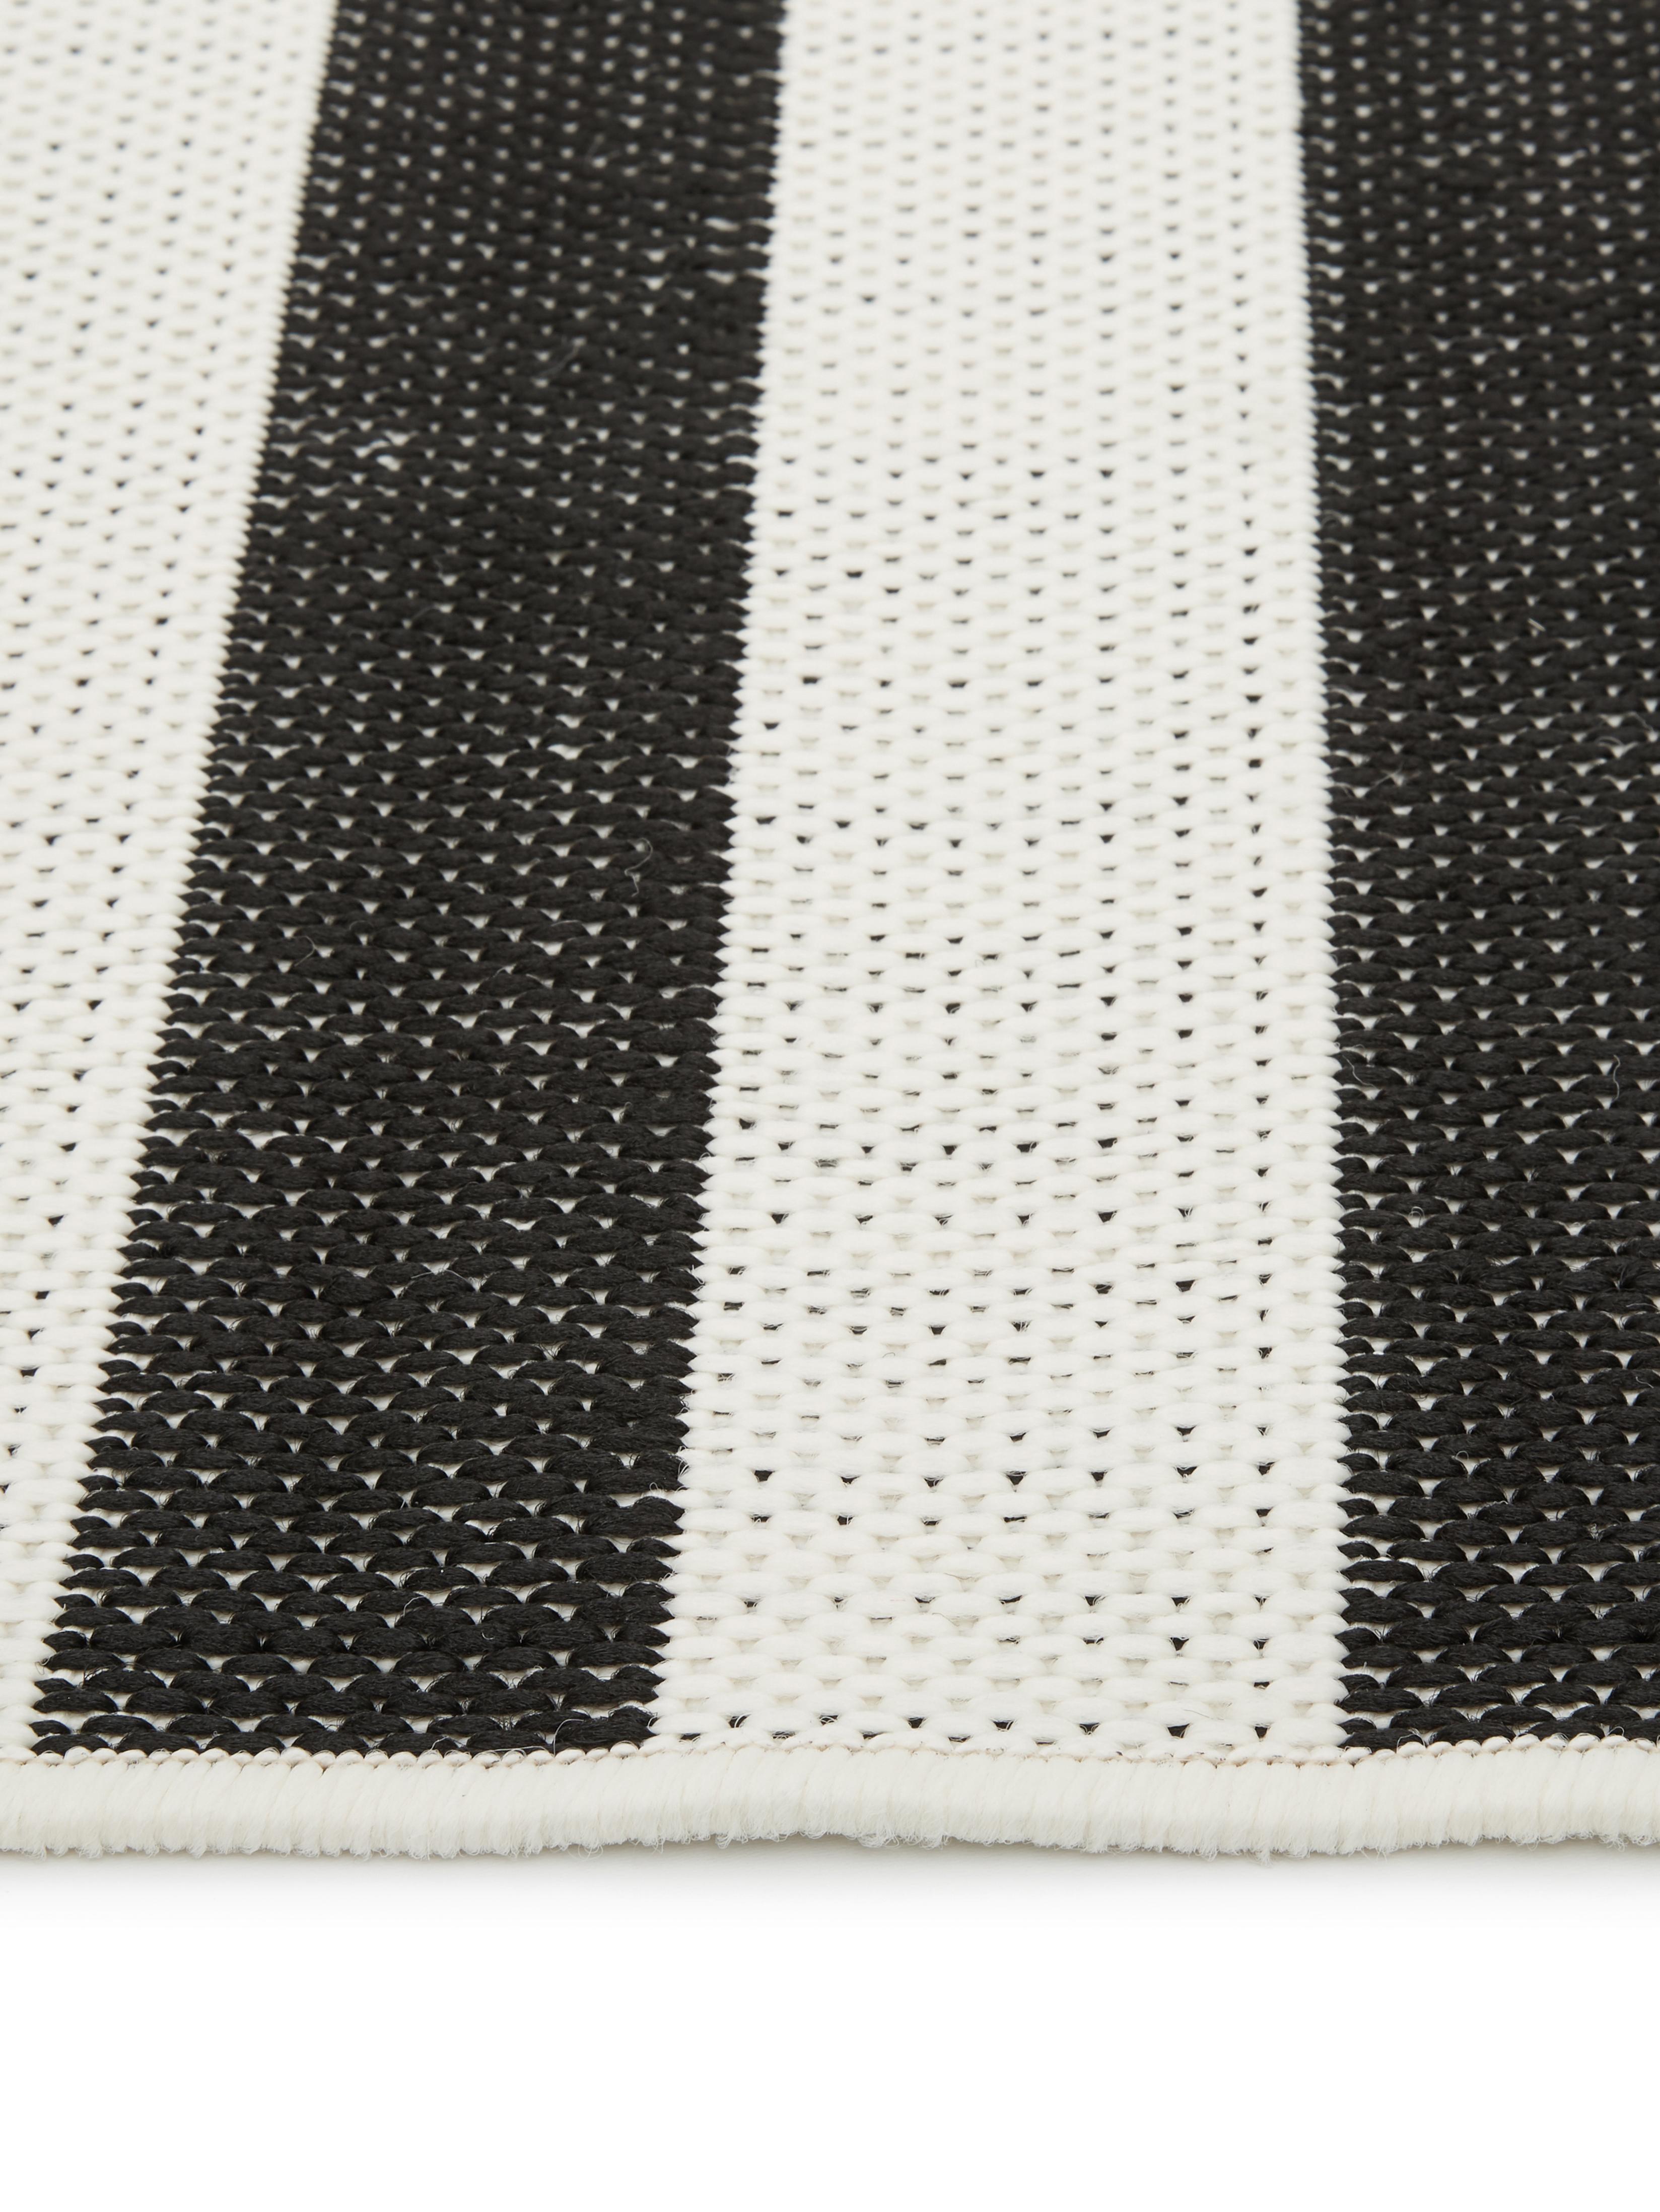 Gestreifter In- & Outdoor-Teppich Axa in Schwarz/Weiß, Flor: 100% Polypropylen, Cremeweiß, Schwarz, B 200 x L 290 cm (Größe L)